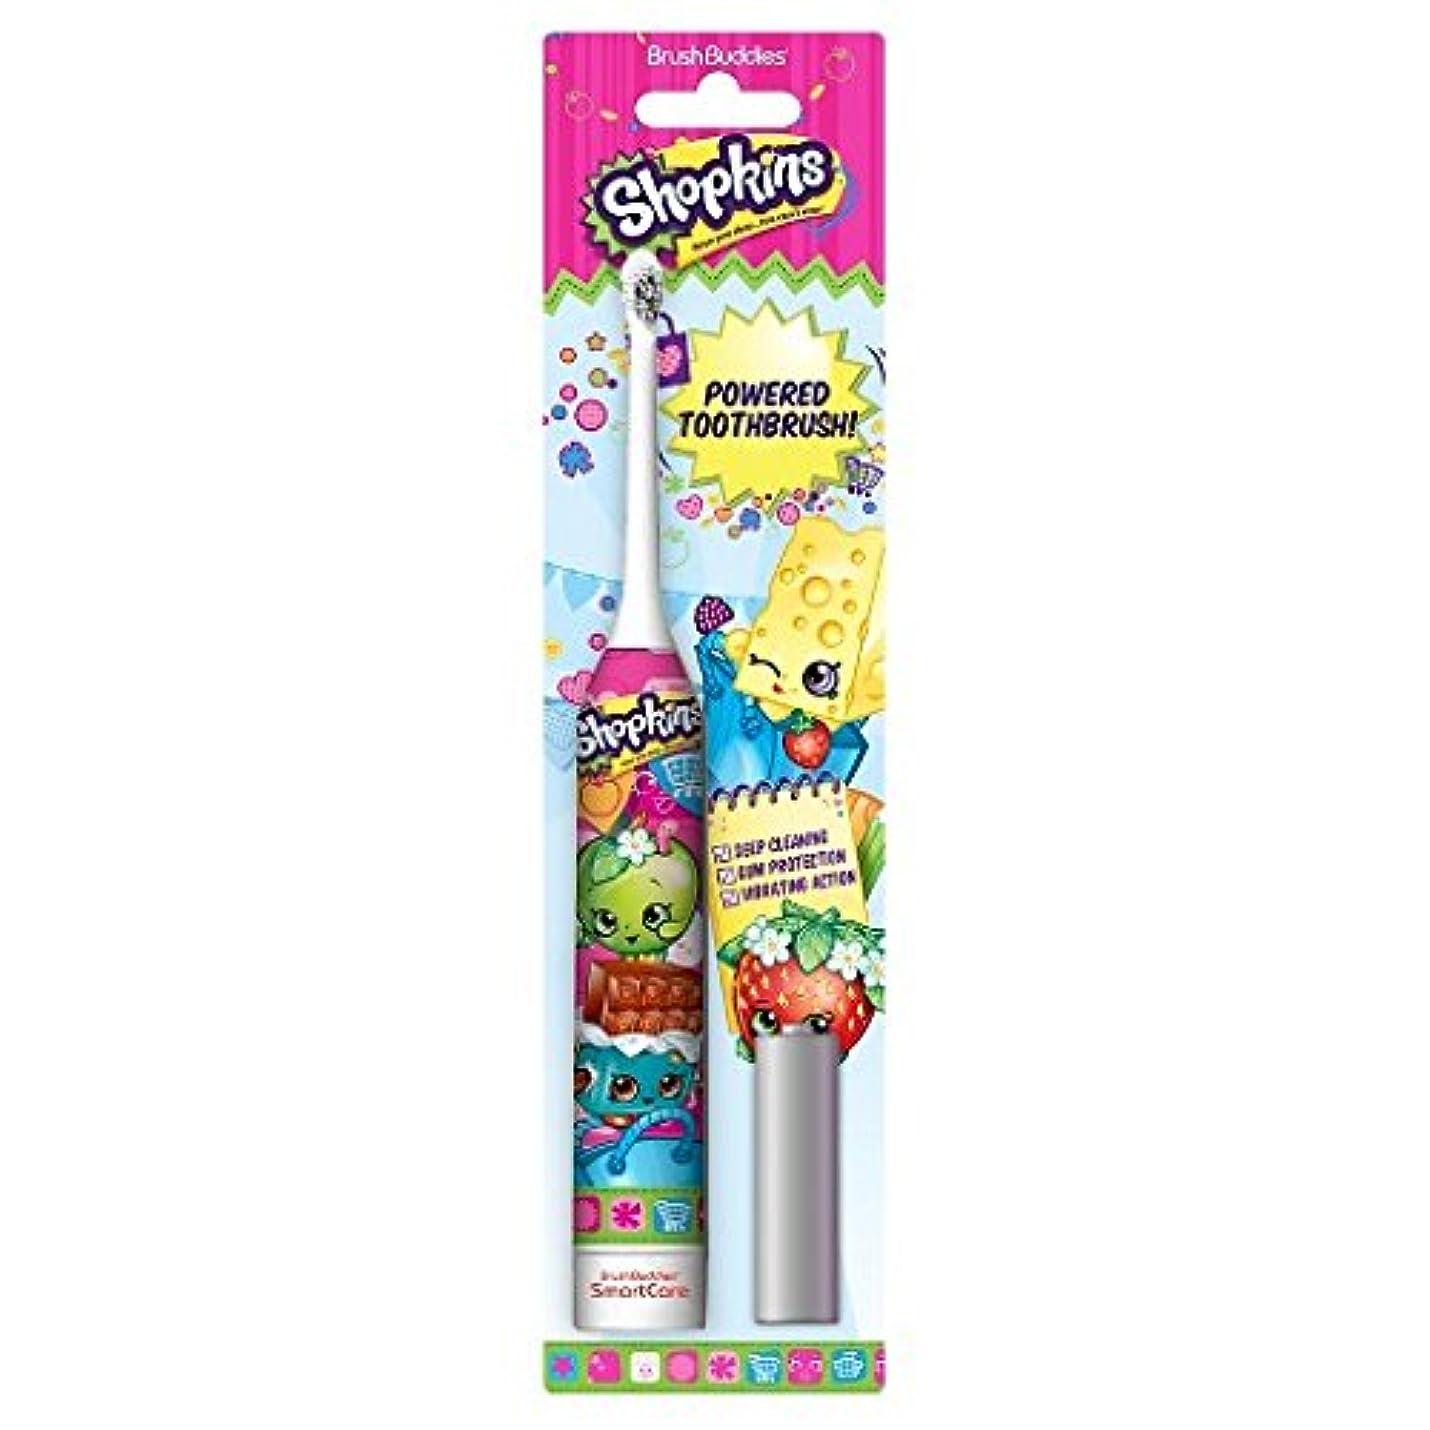 単に強風範囲Brush Buddies Shopkins Sonic Powered Toothbrush ソニックパワード電動歯ブラシ [並行輸入品]